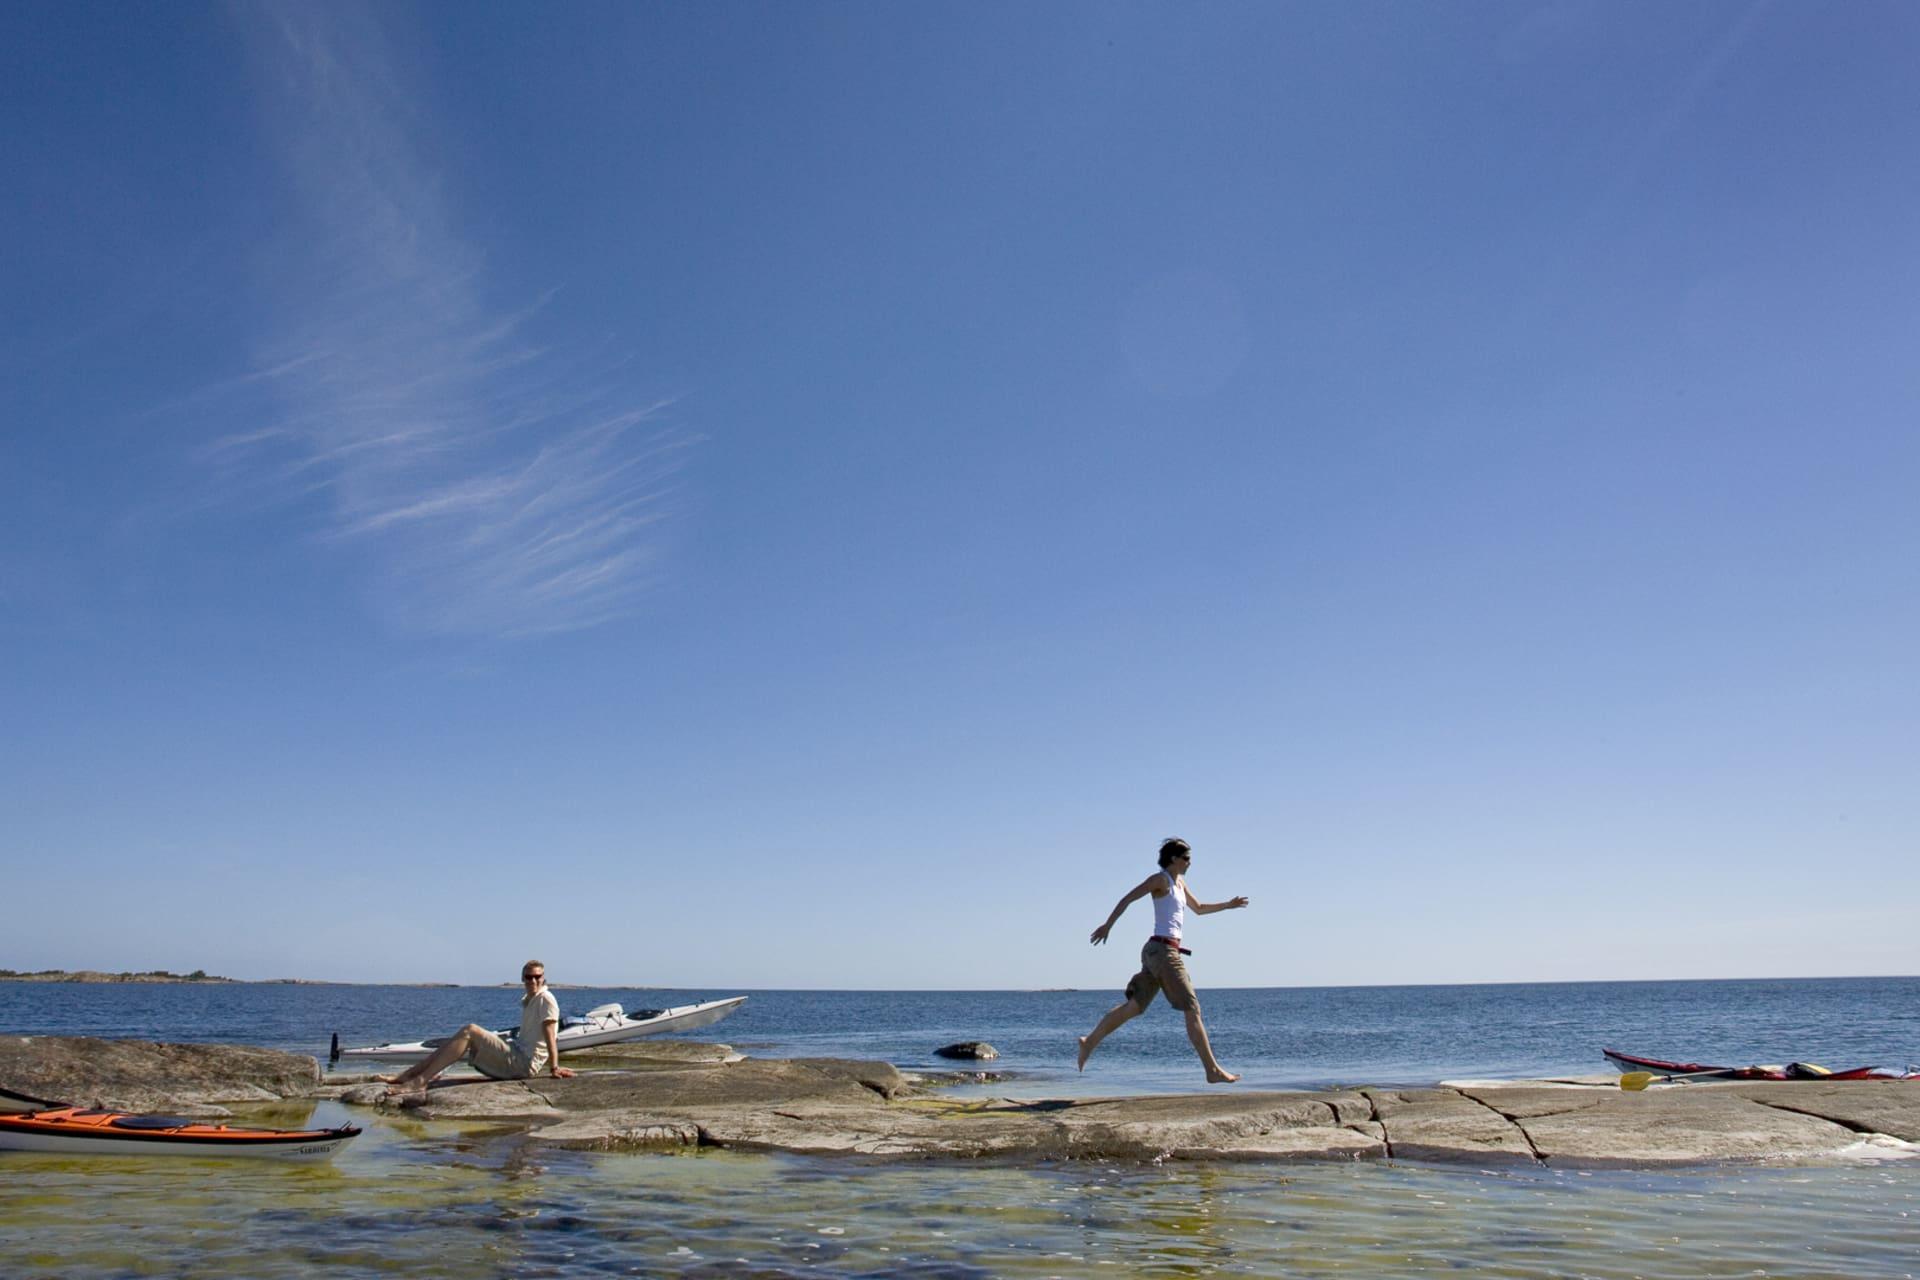 Många av det yttre skären sticker nätt och jämnt upp över vattenytan. Underbara att rasta på fina dagar.